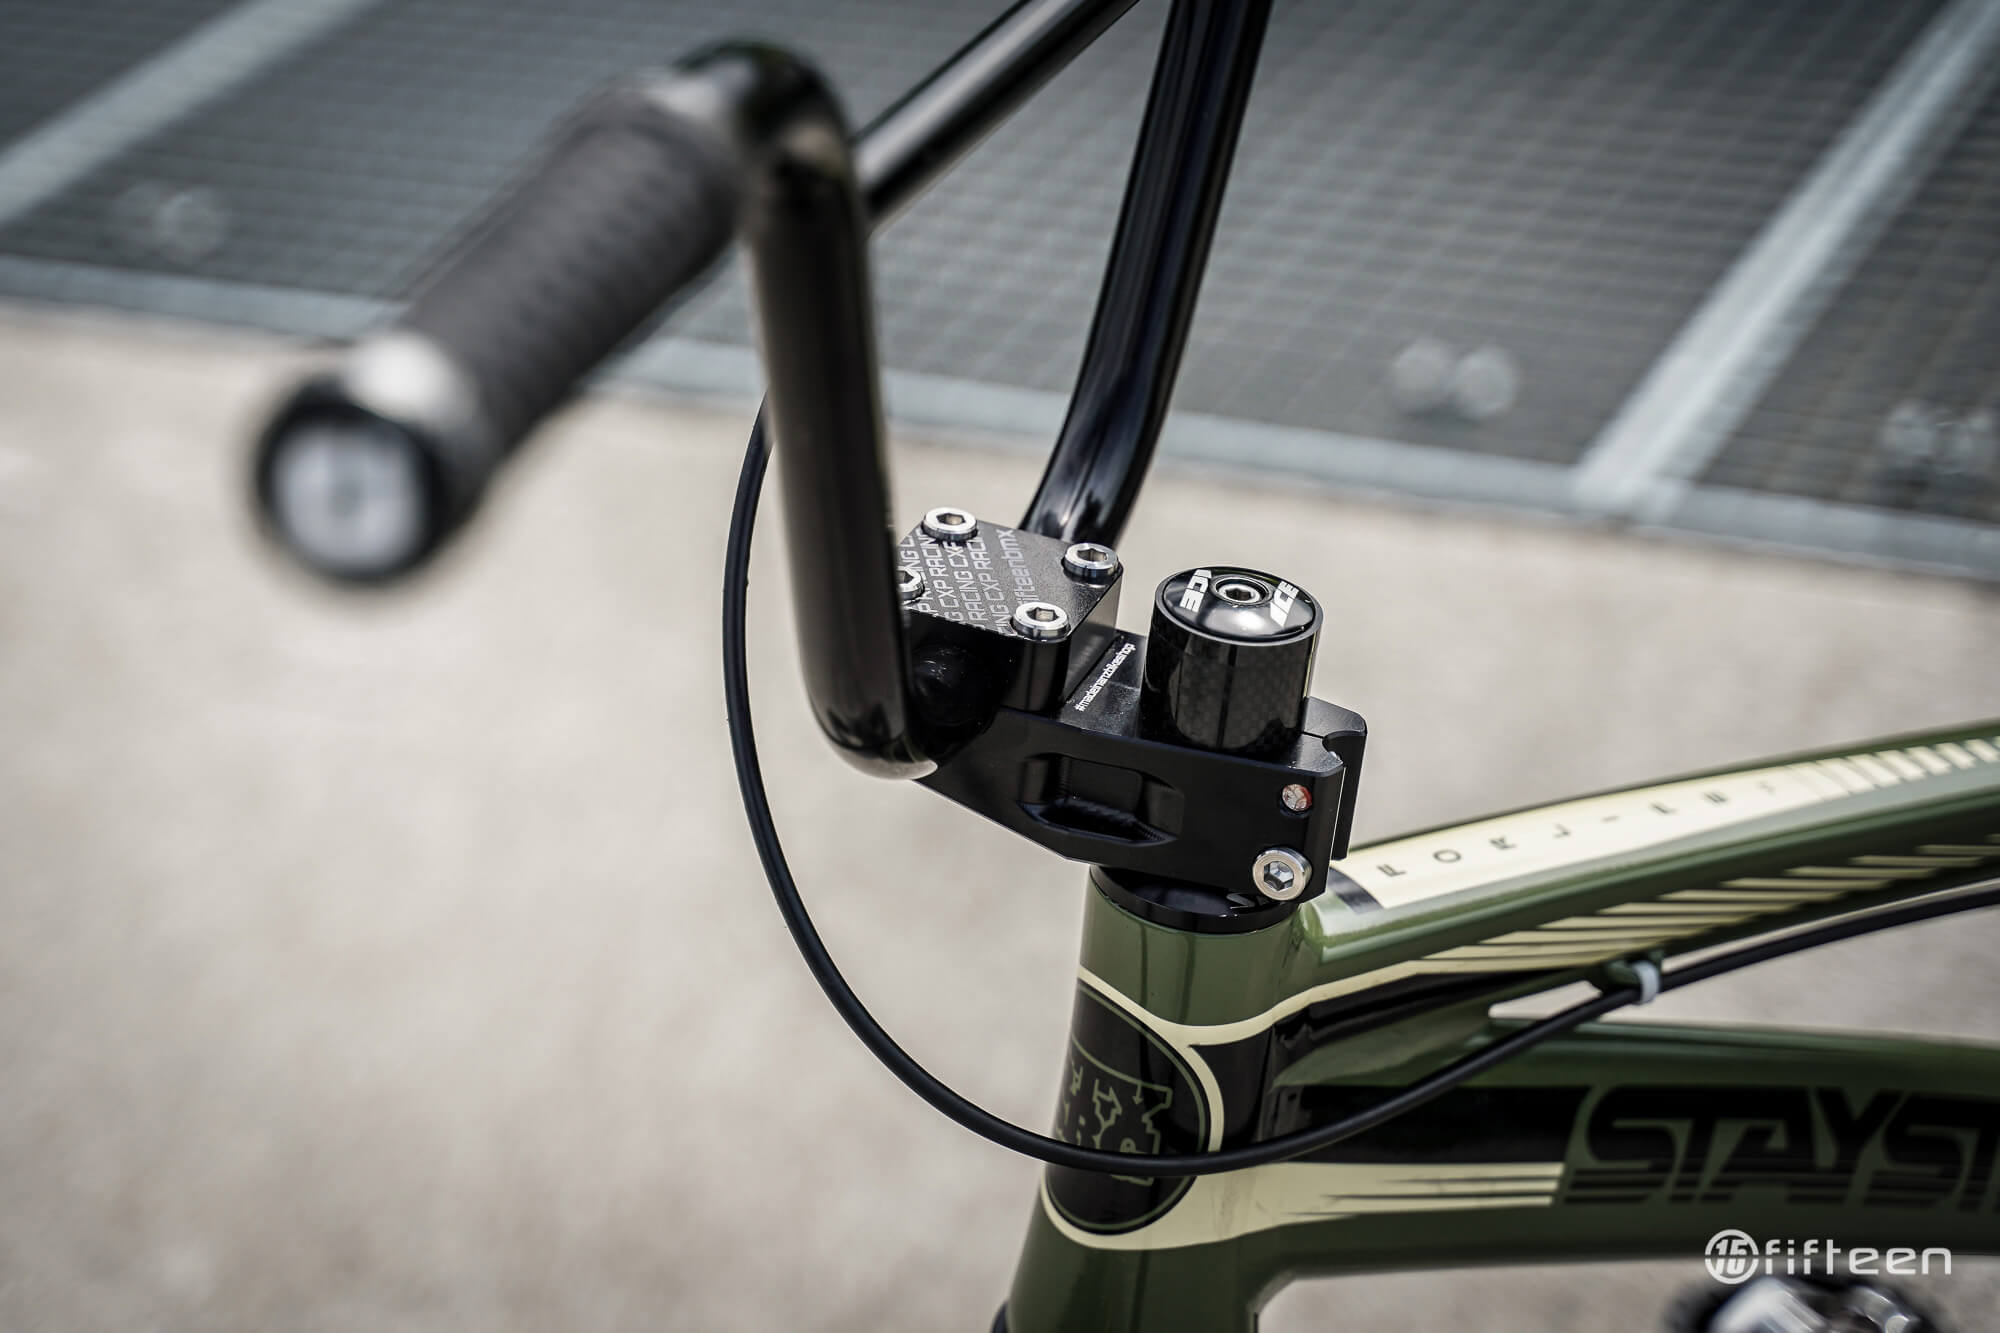 CXP Racing Stem - Fifteen BMX